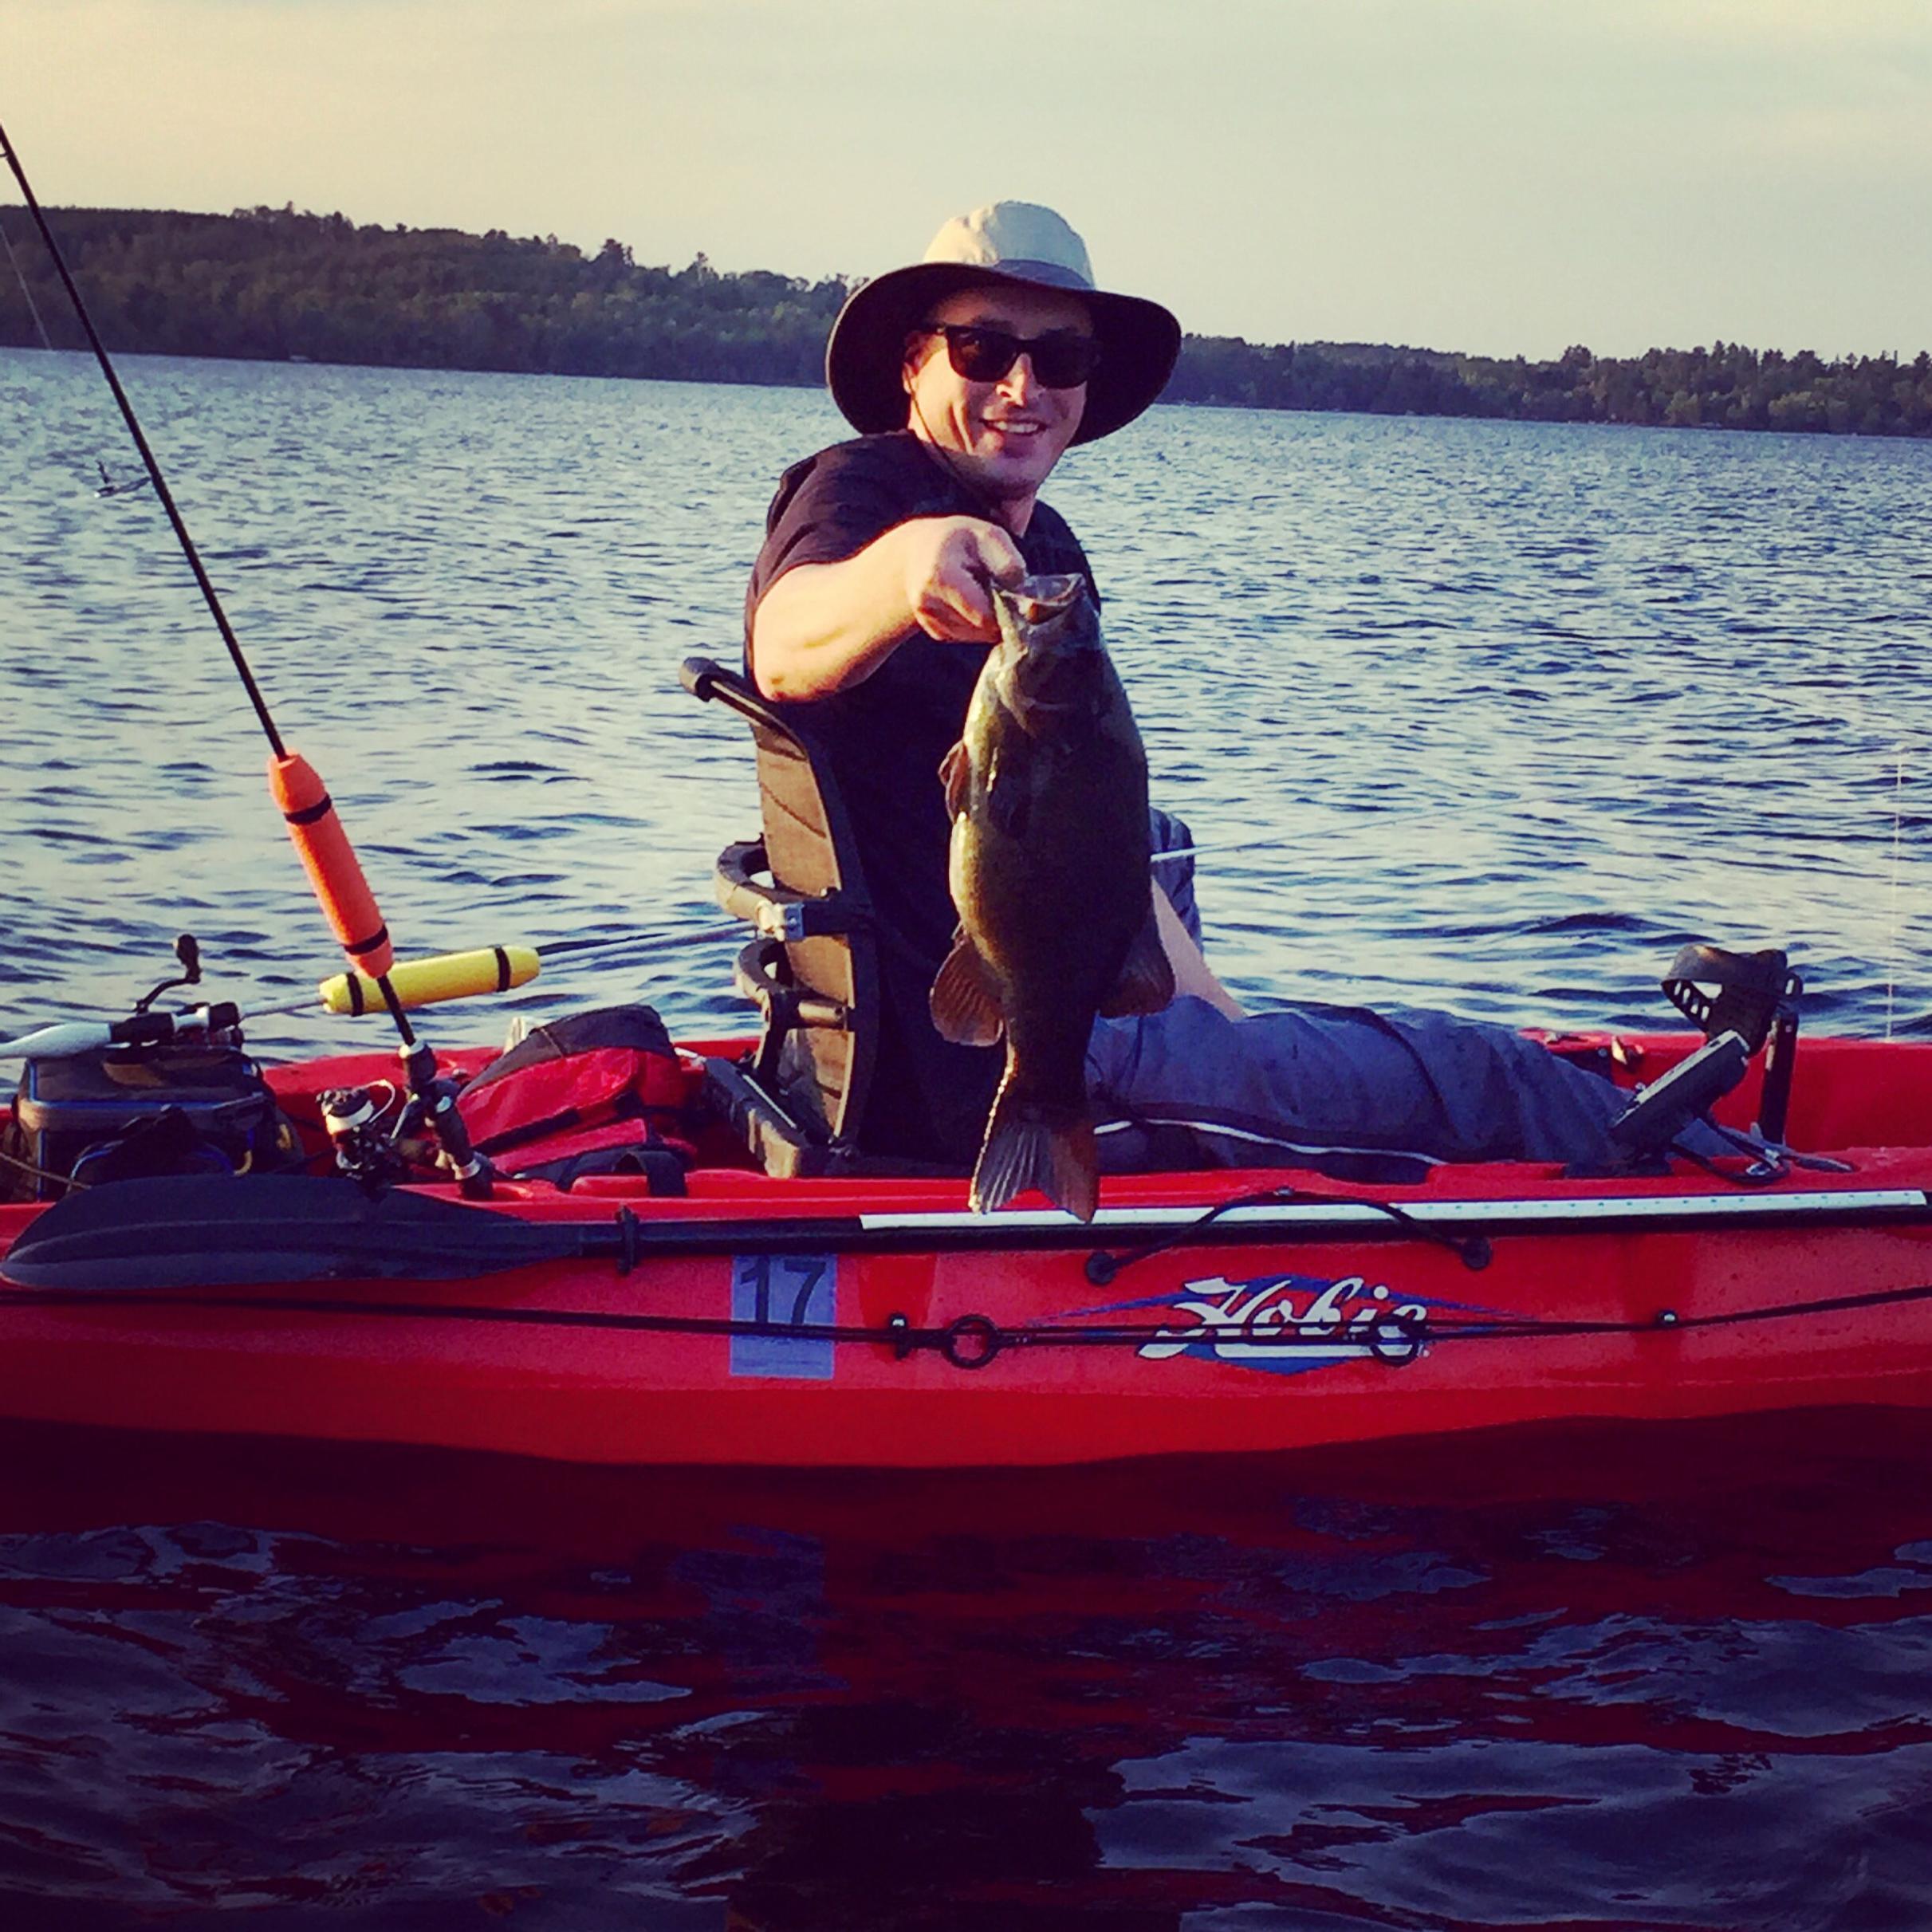 Bwca kayak fishing boundary waters fishing forum for Canoe vs kayak fishing